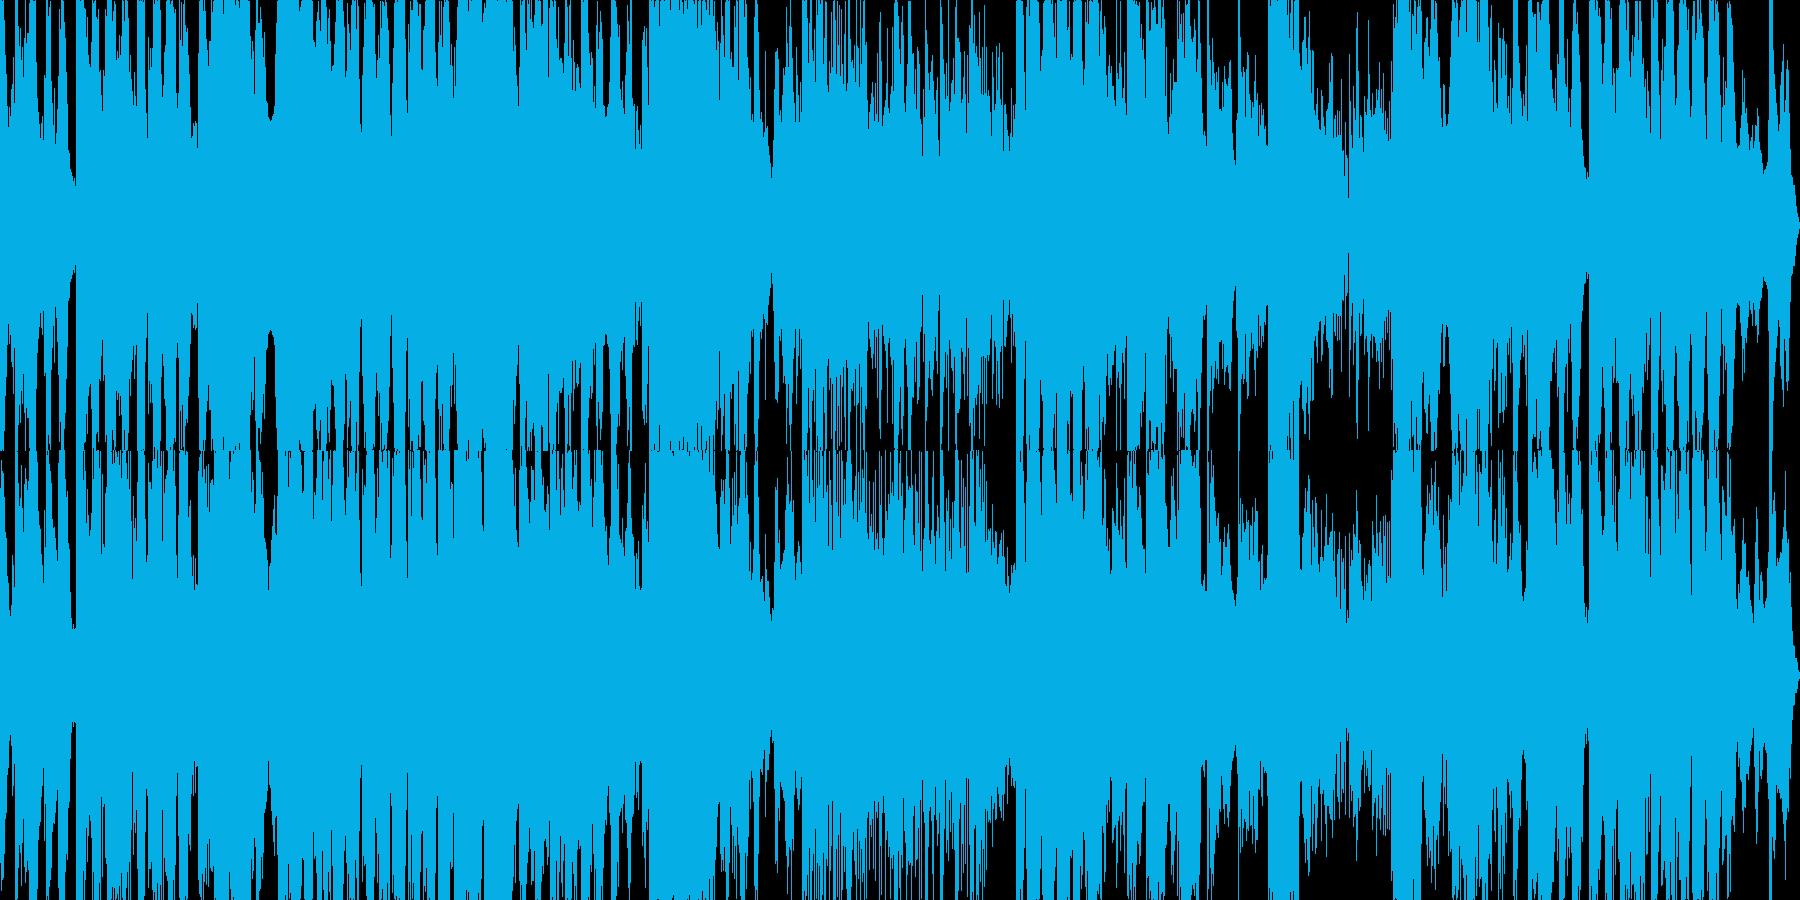 壮大な映画音楽的BGMの再生済みの波形